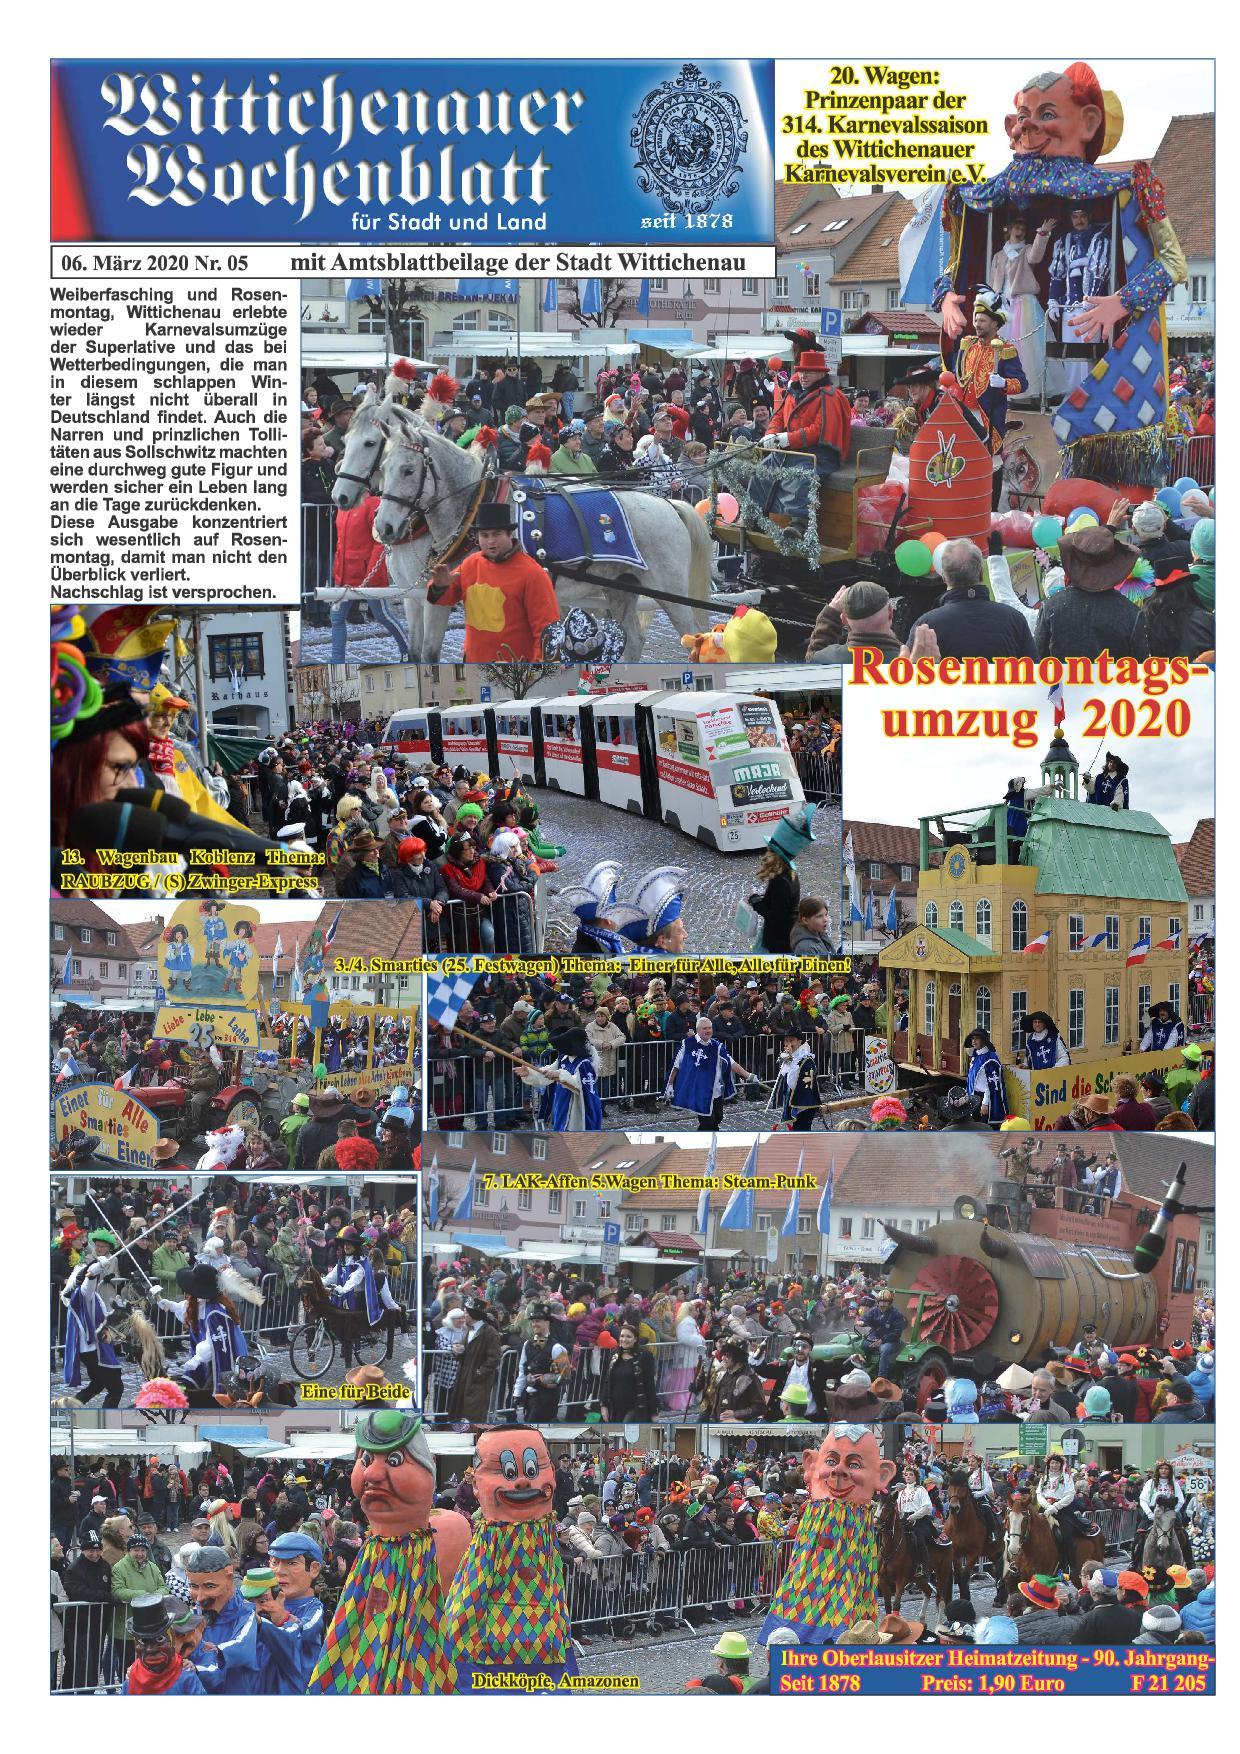 Wochenblatt Nr. 5 - 2020